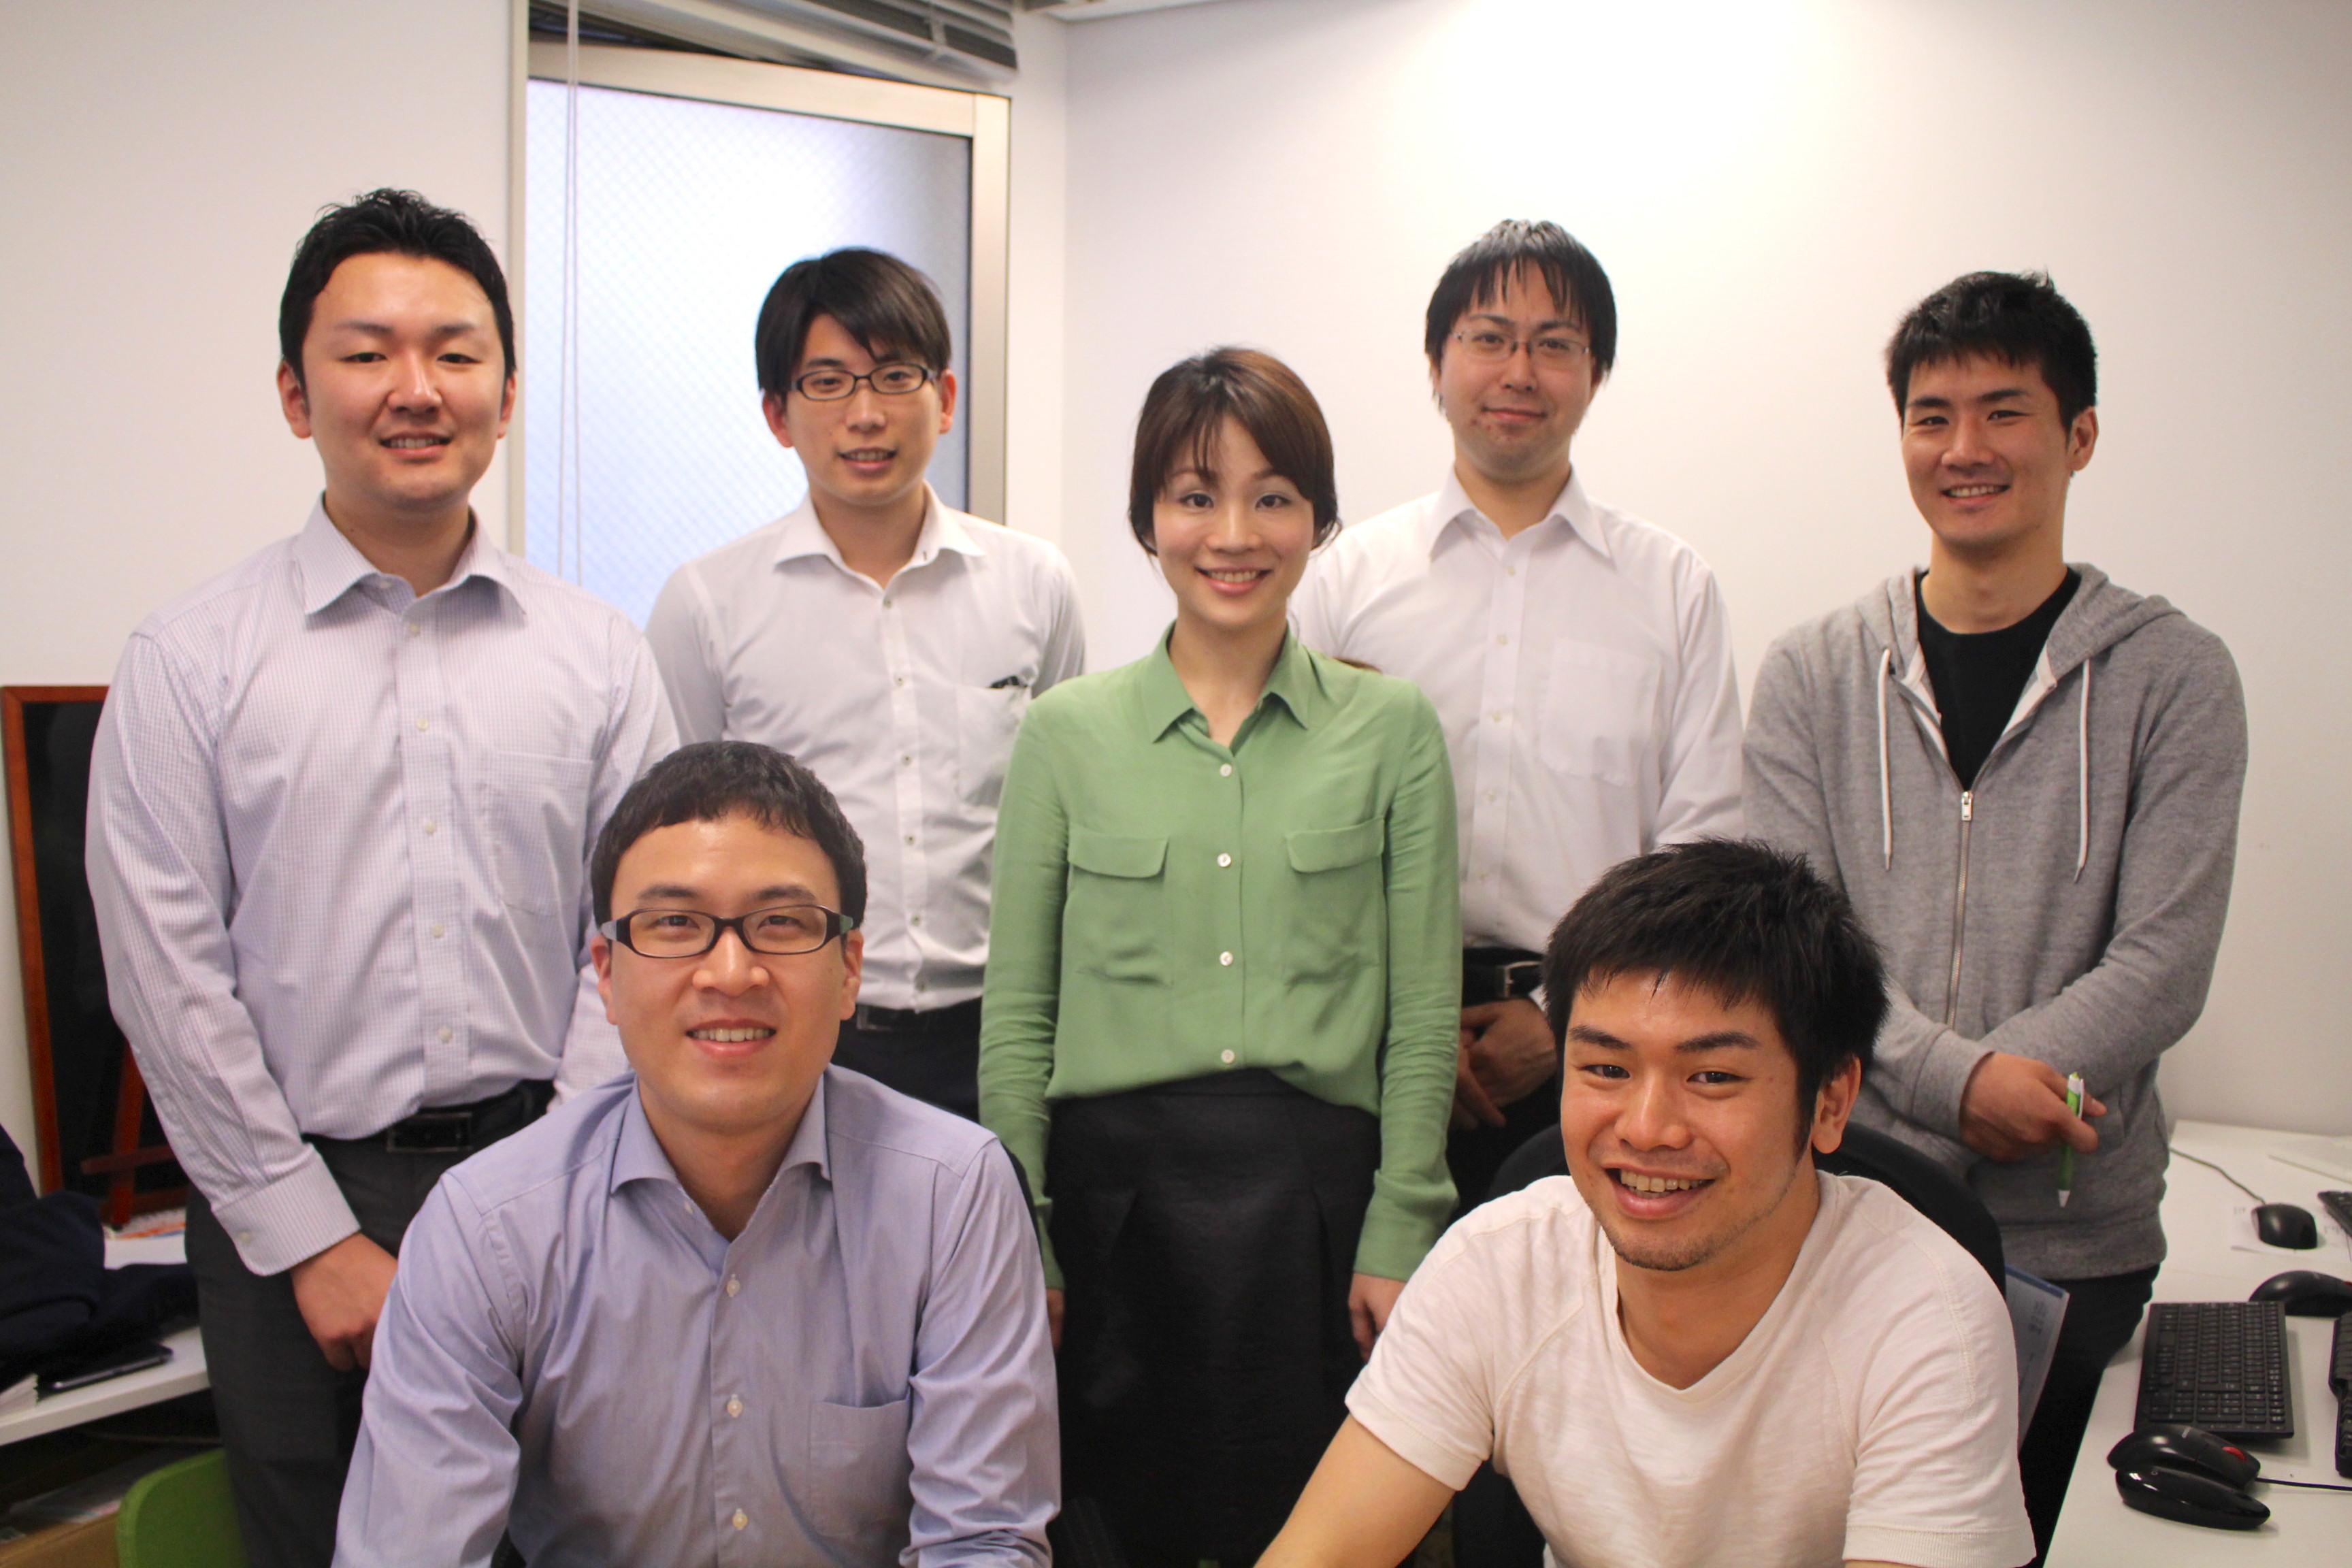 スマートフォンサイトのリニューアルにかかわった7人の新卒入社組